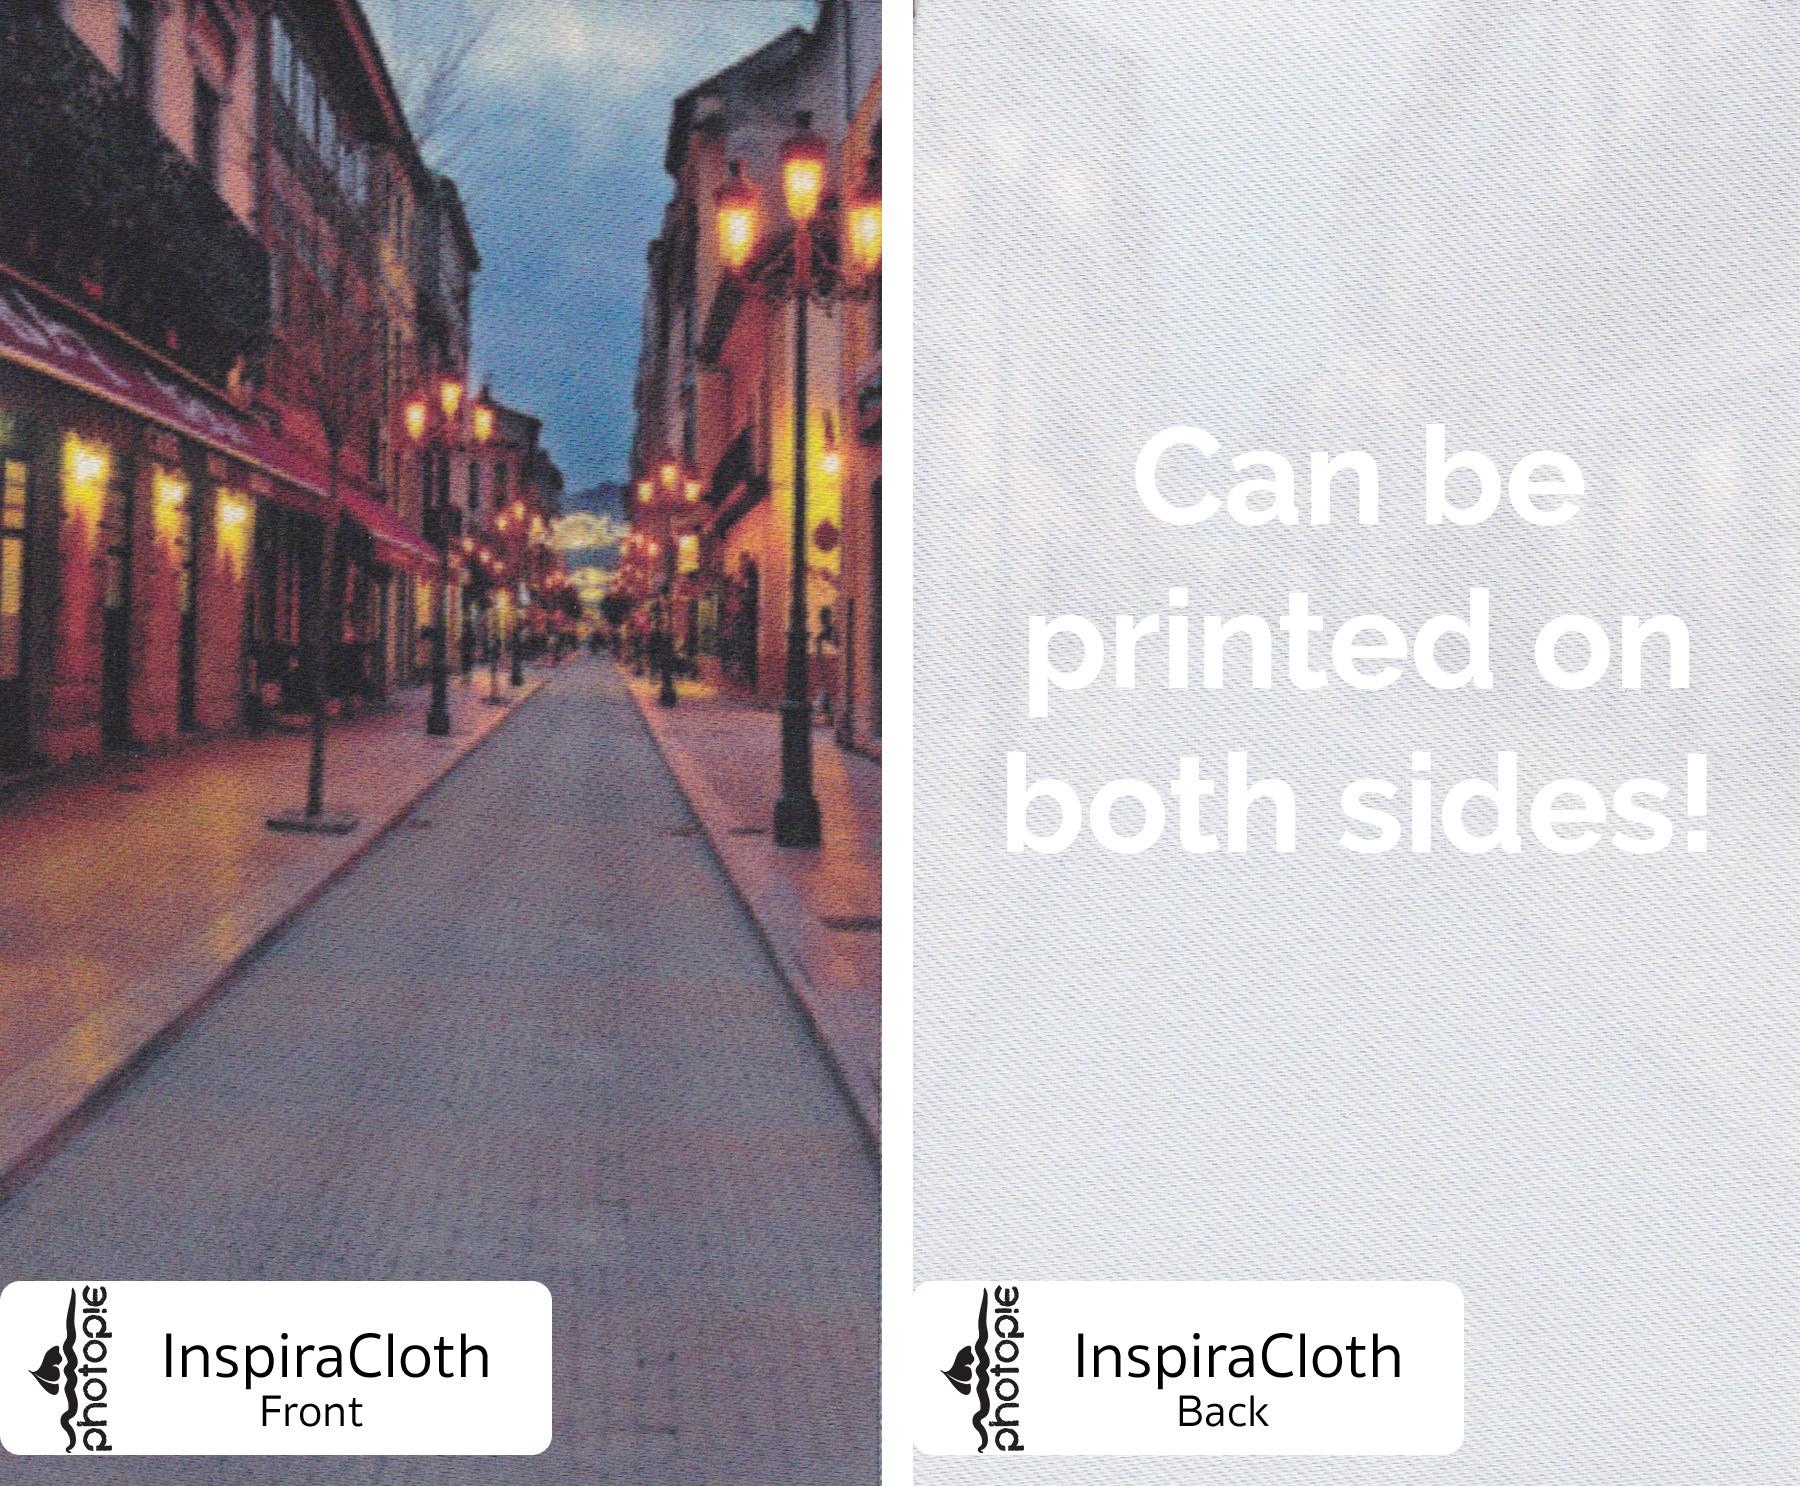 inspiraclothlg2.jpg